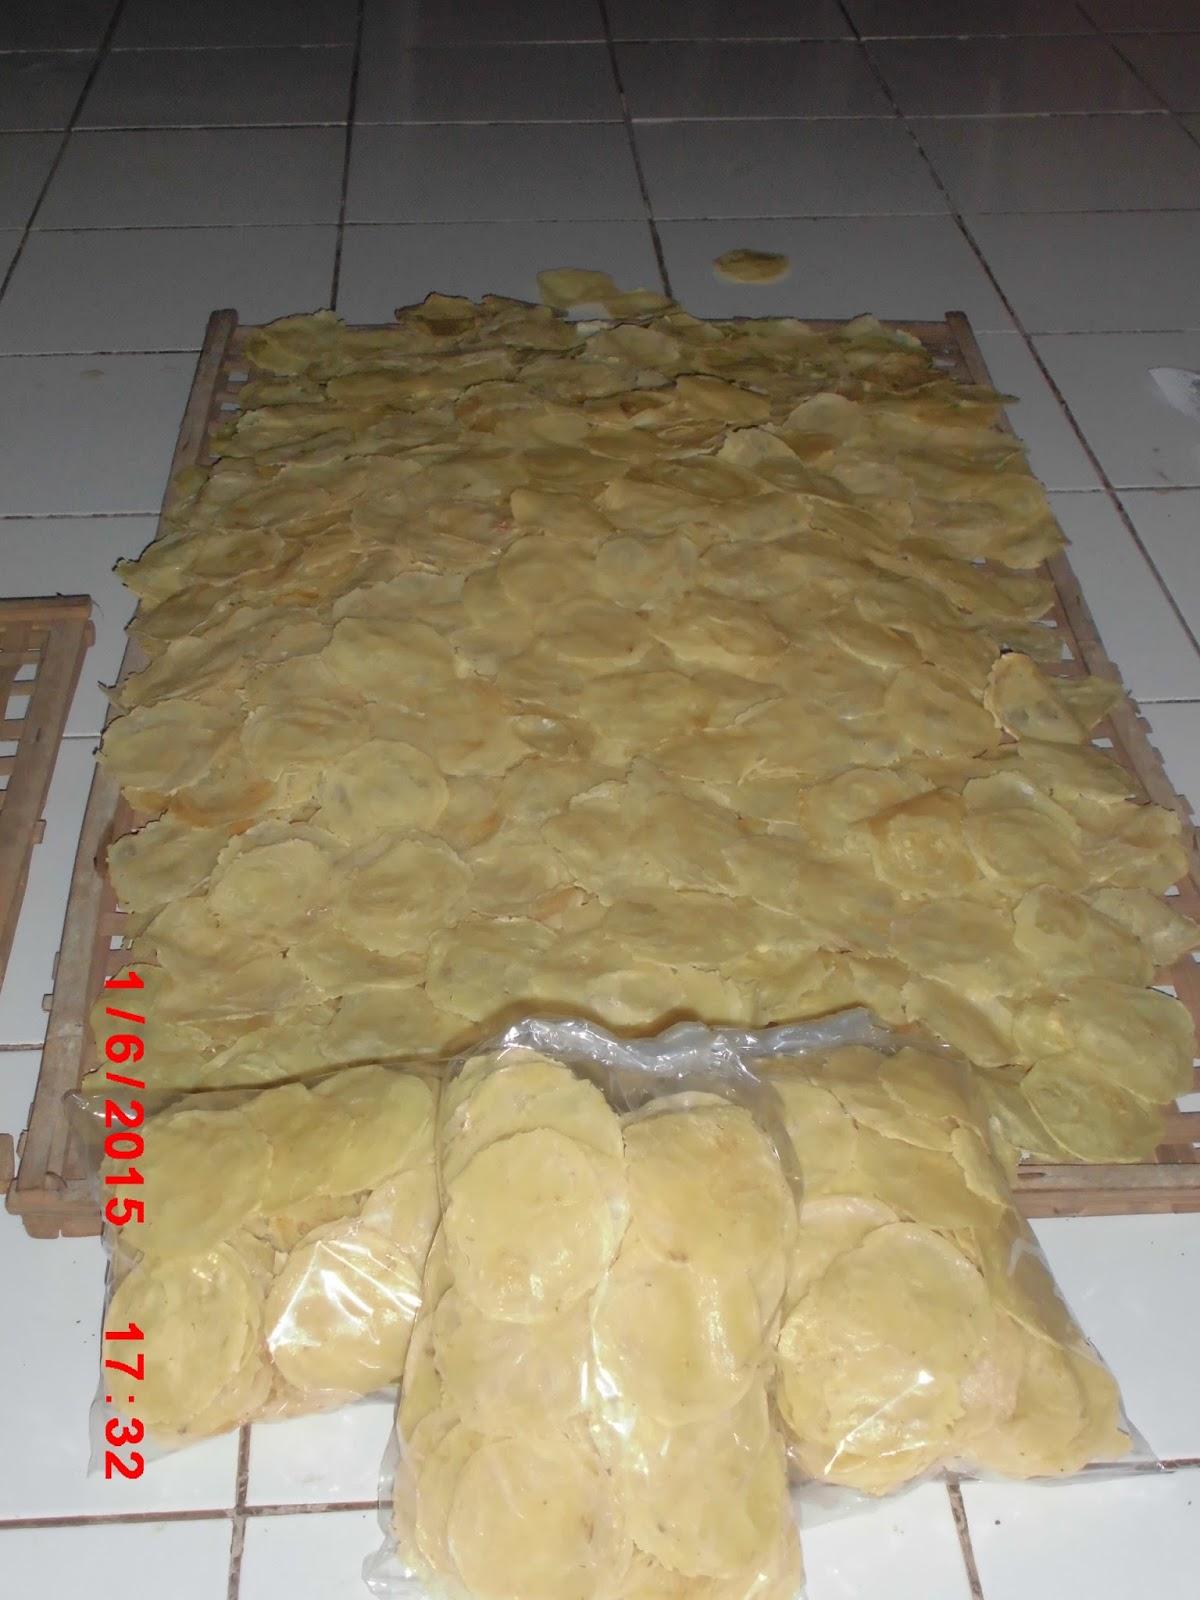 Asli Emping Balado 2 Bungkus Referensi Daftar Harga Terbaru Indonesia Melinjo Njo Kecil Pedas Daun Jeruk Premium 500 Gram Kami Jual Dalam Kemasan Plastik Dengan Berat